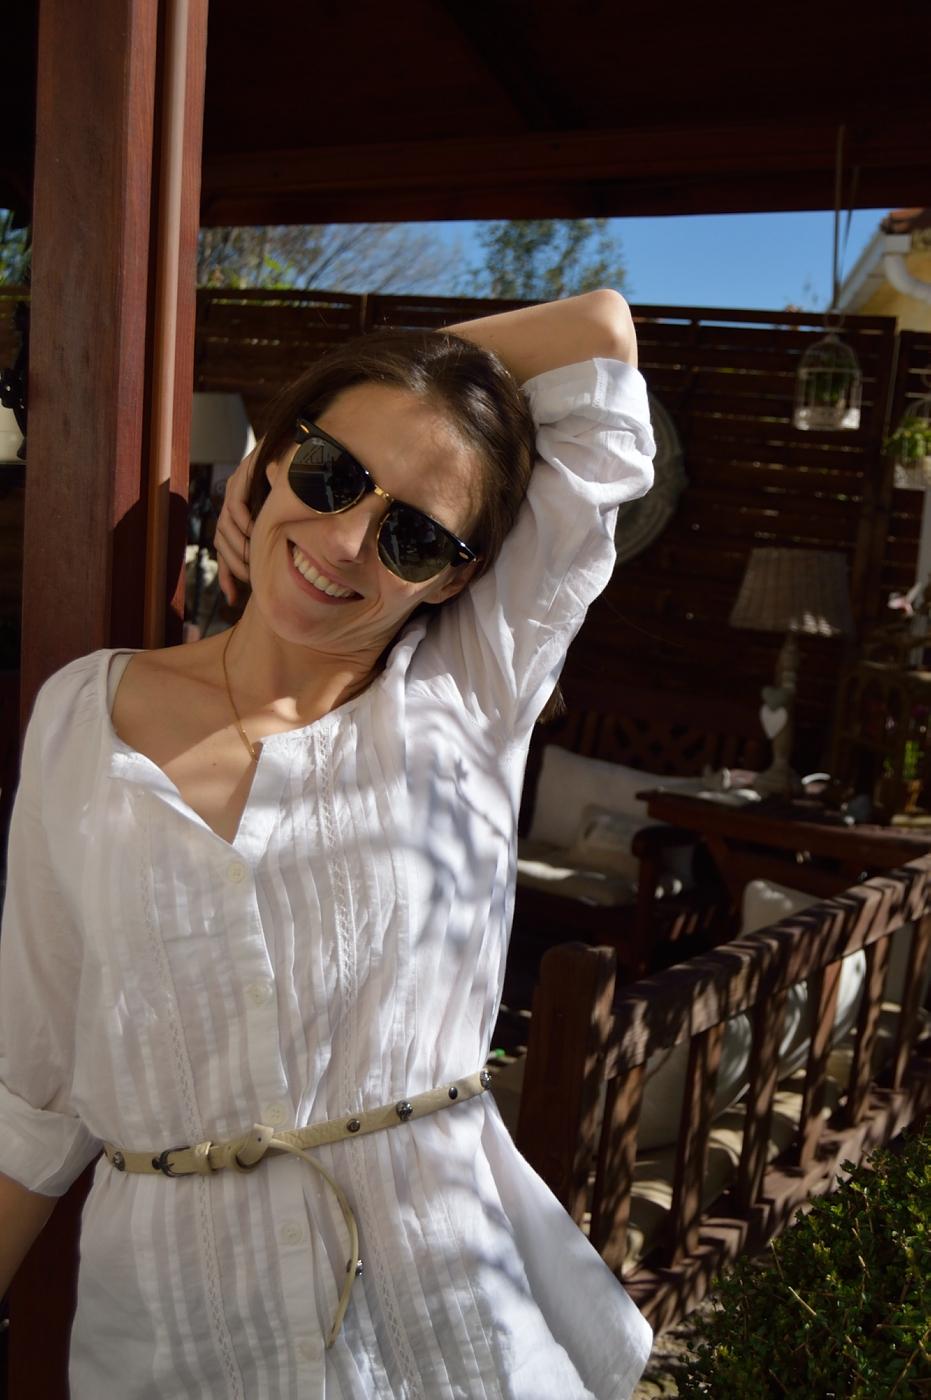 lara-vazquez-mad-lula-style-streetstyle-girl-fashion-blog-moda-mode-classic